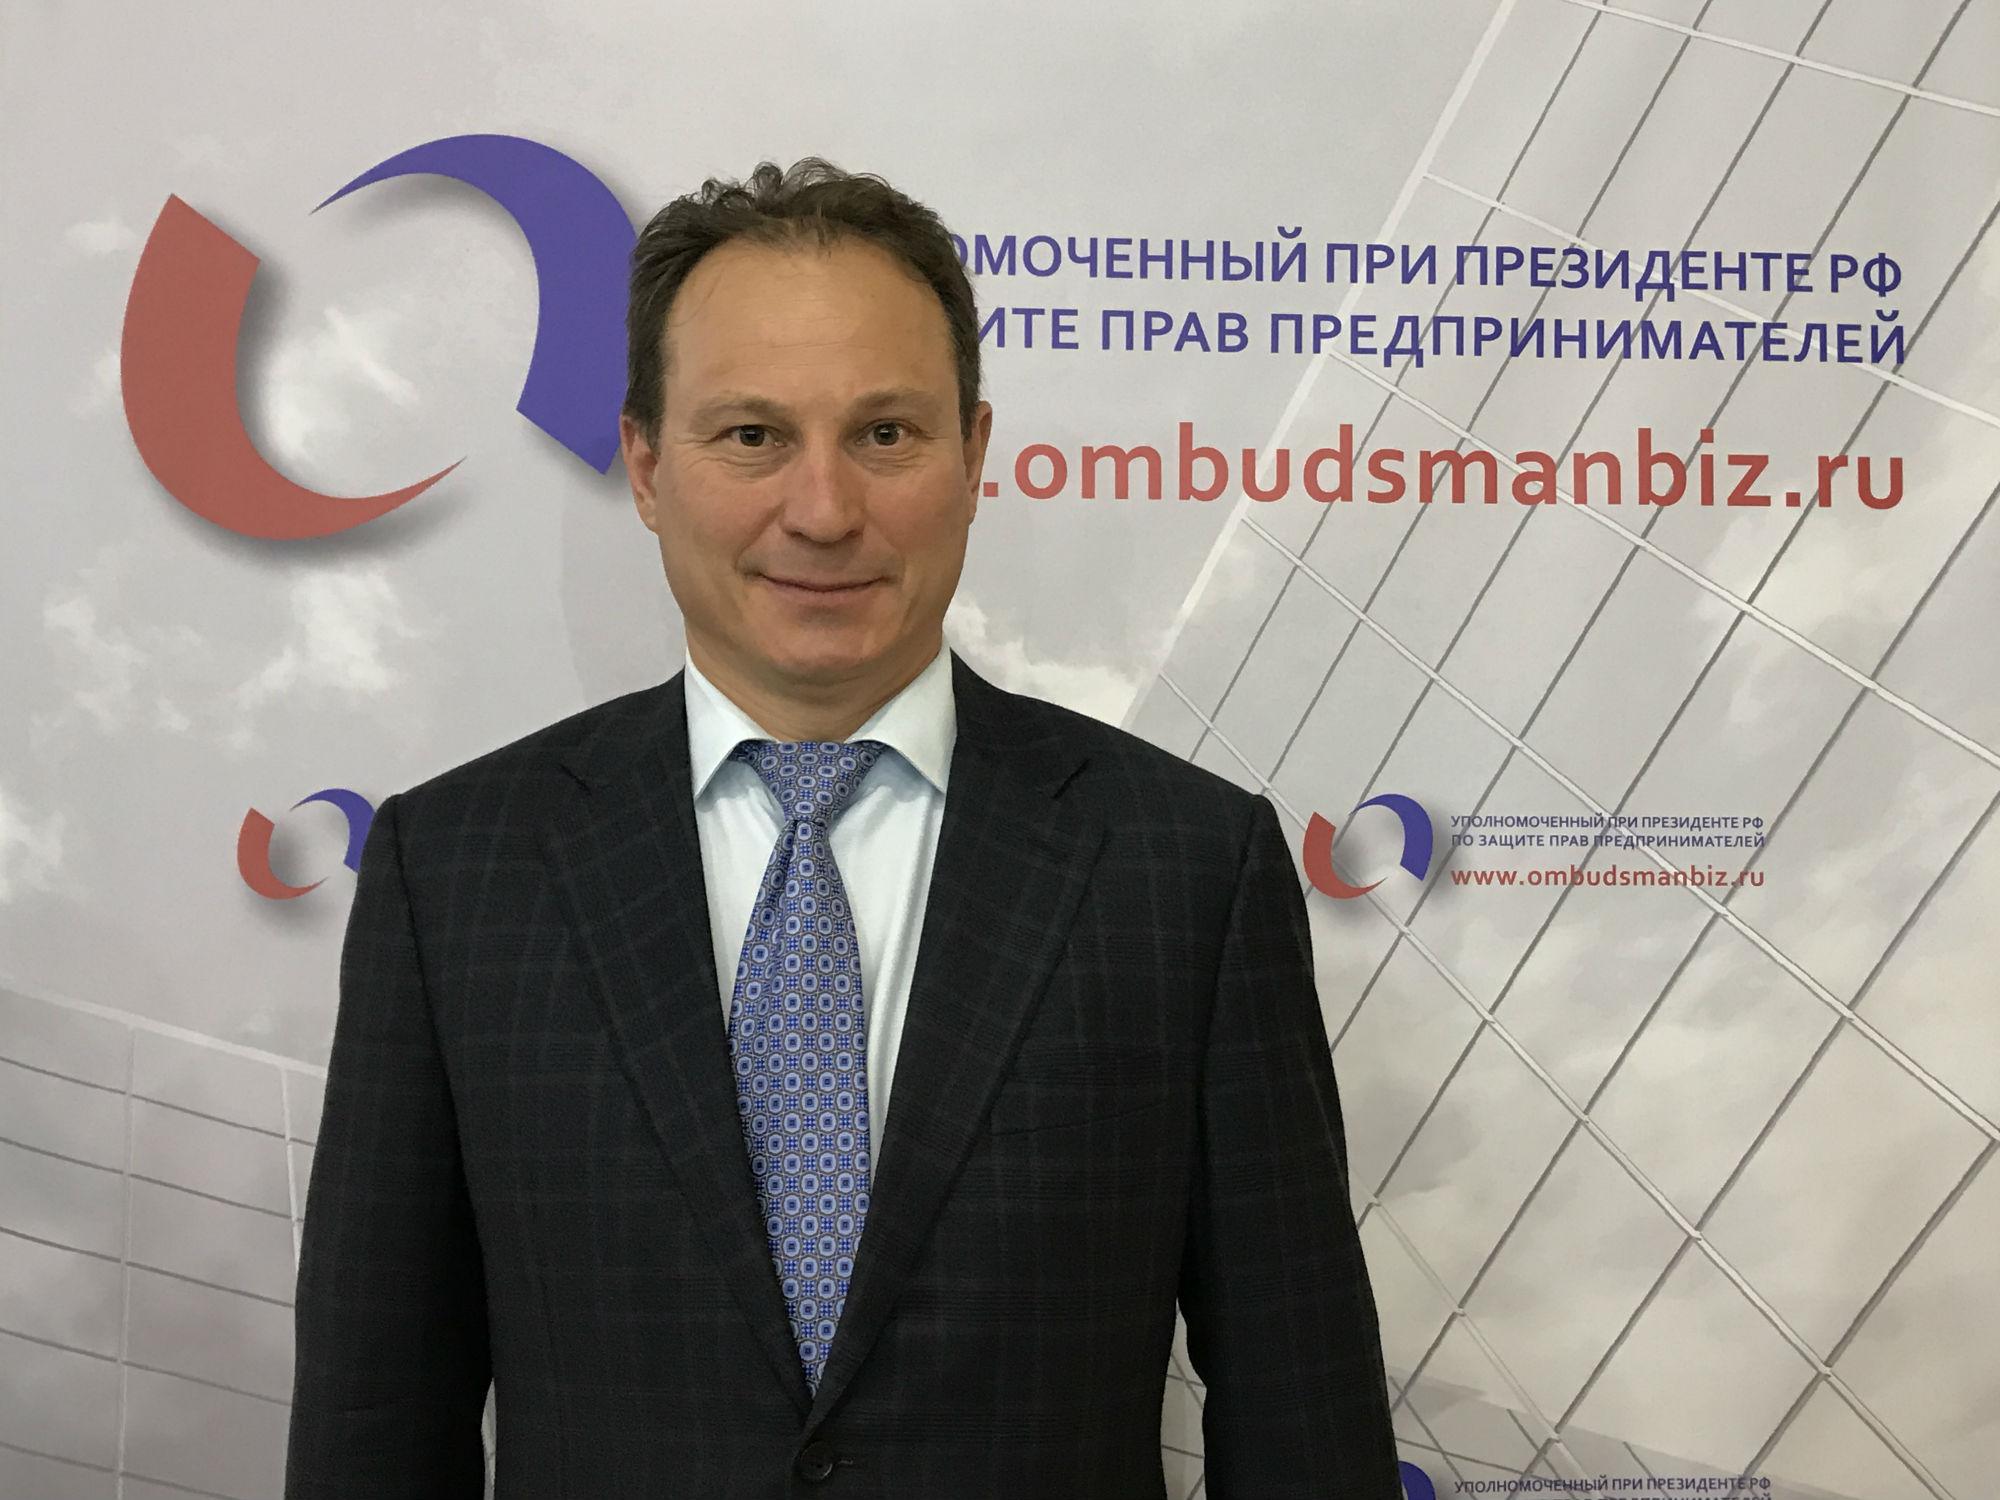 Омбудсмены по правам предпринимателей в московской области